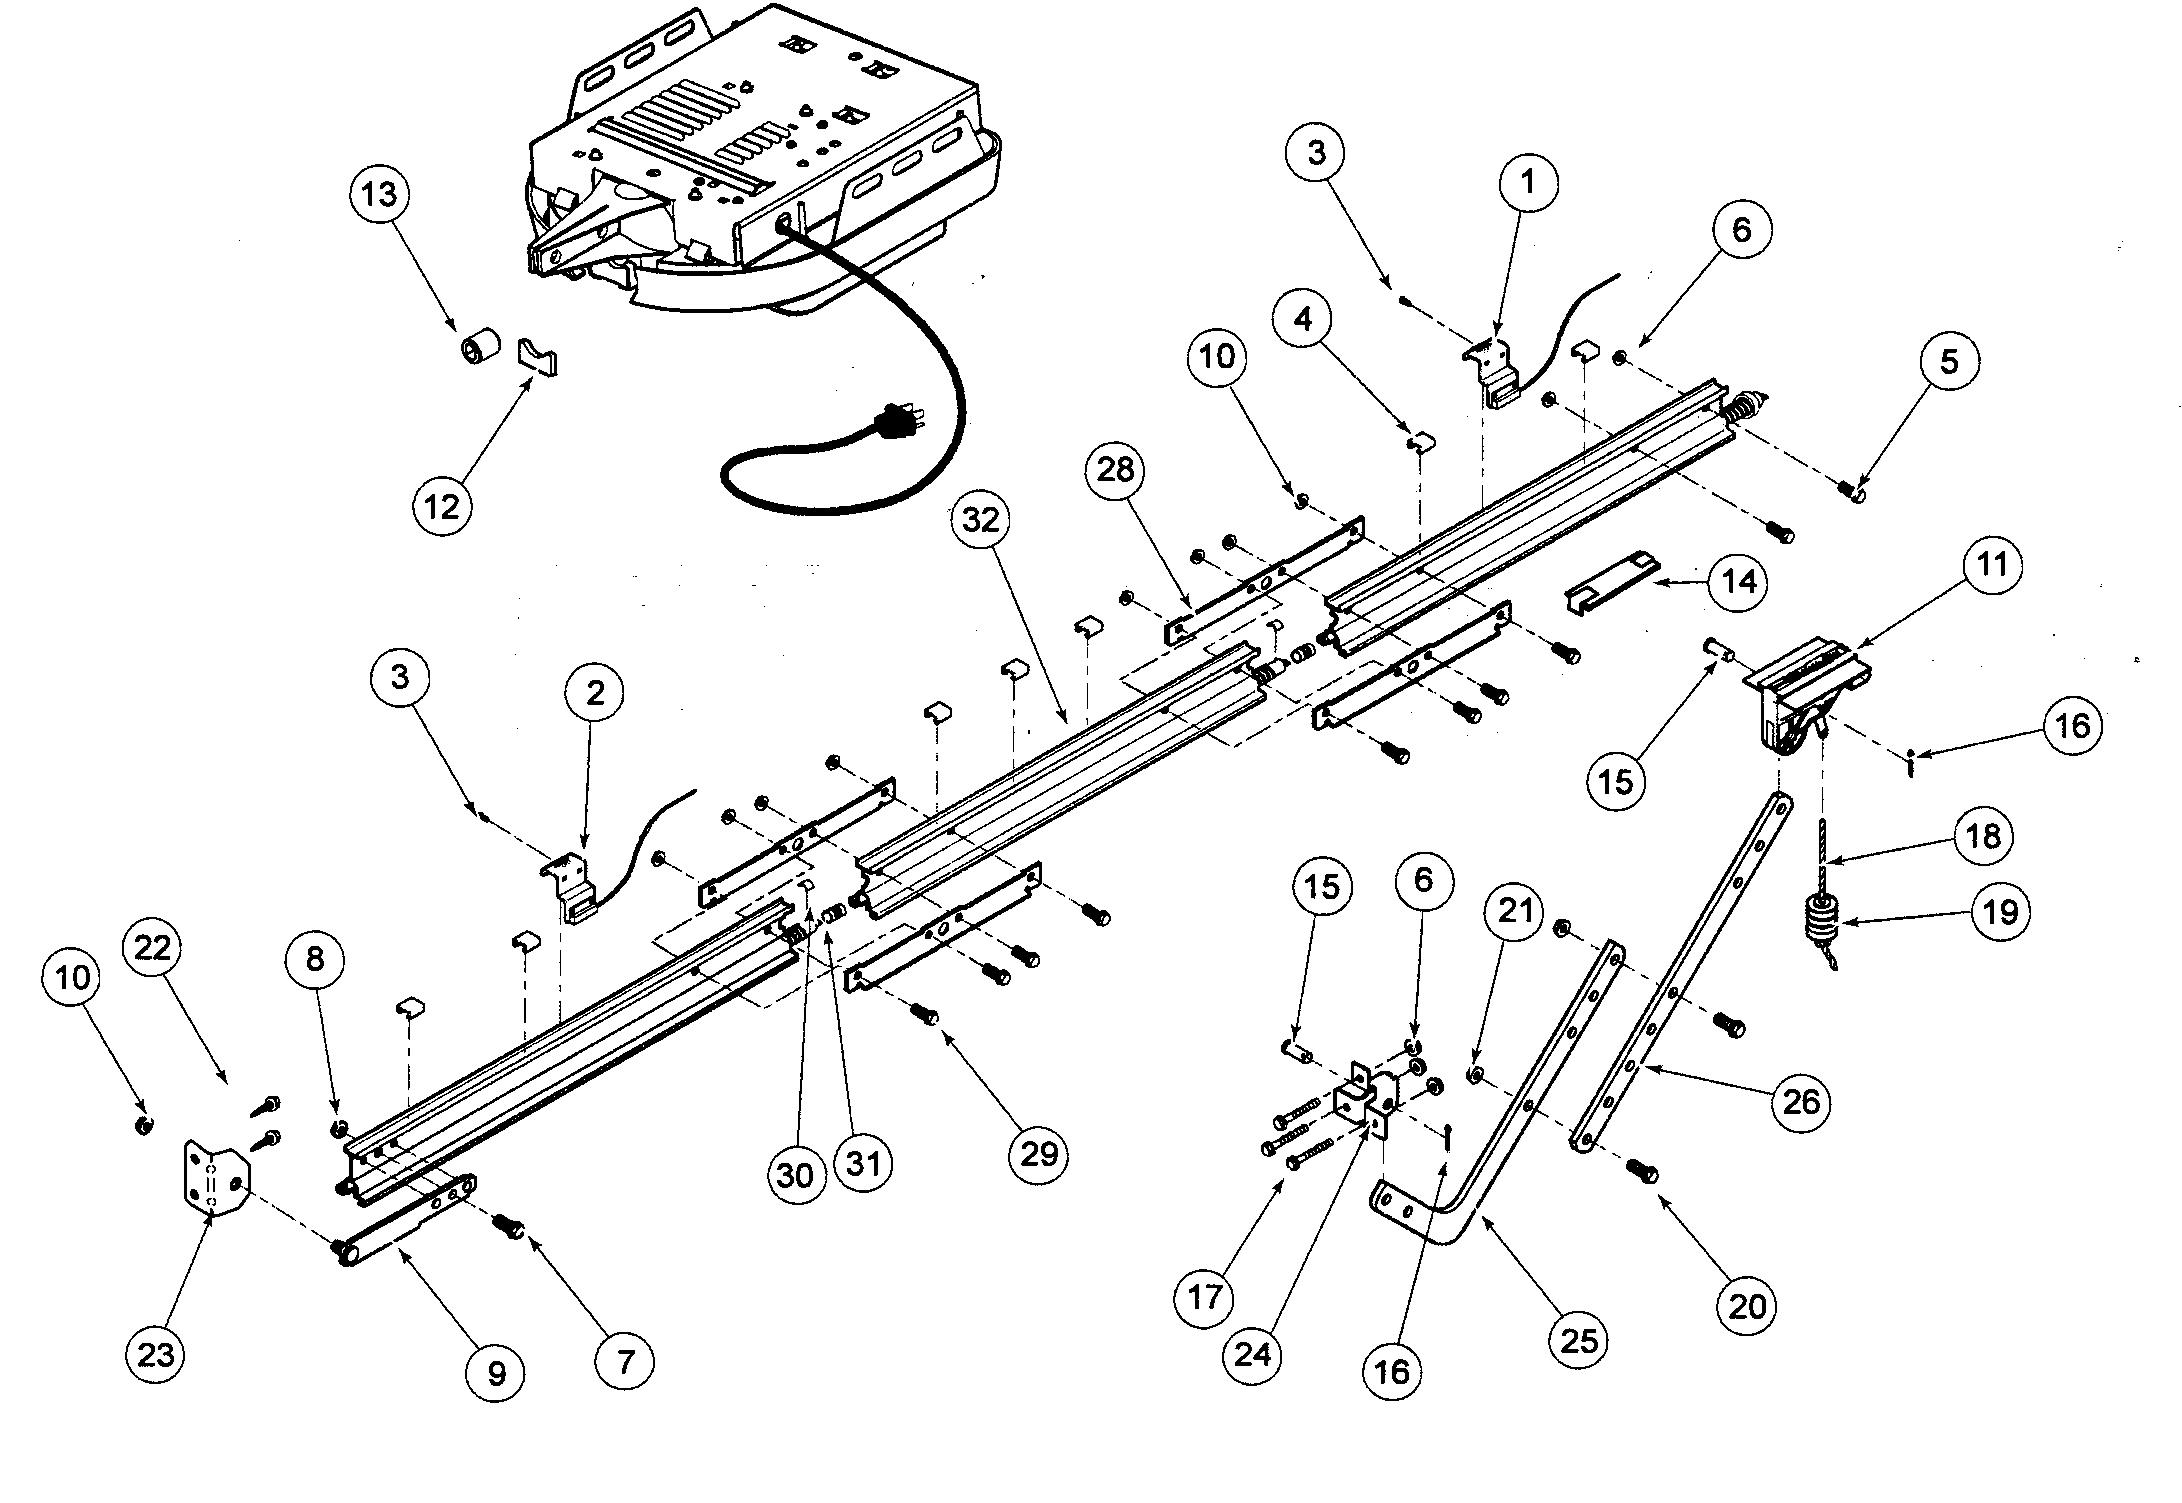 hight resolution of of garage door opener wiringdiagram genie garage genie garage door wiring diagram for you